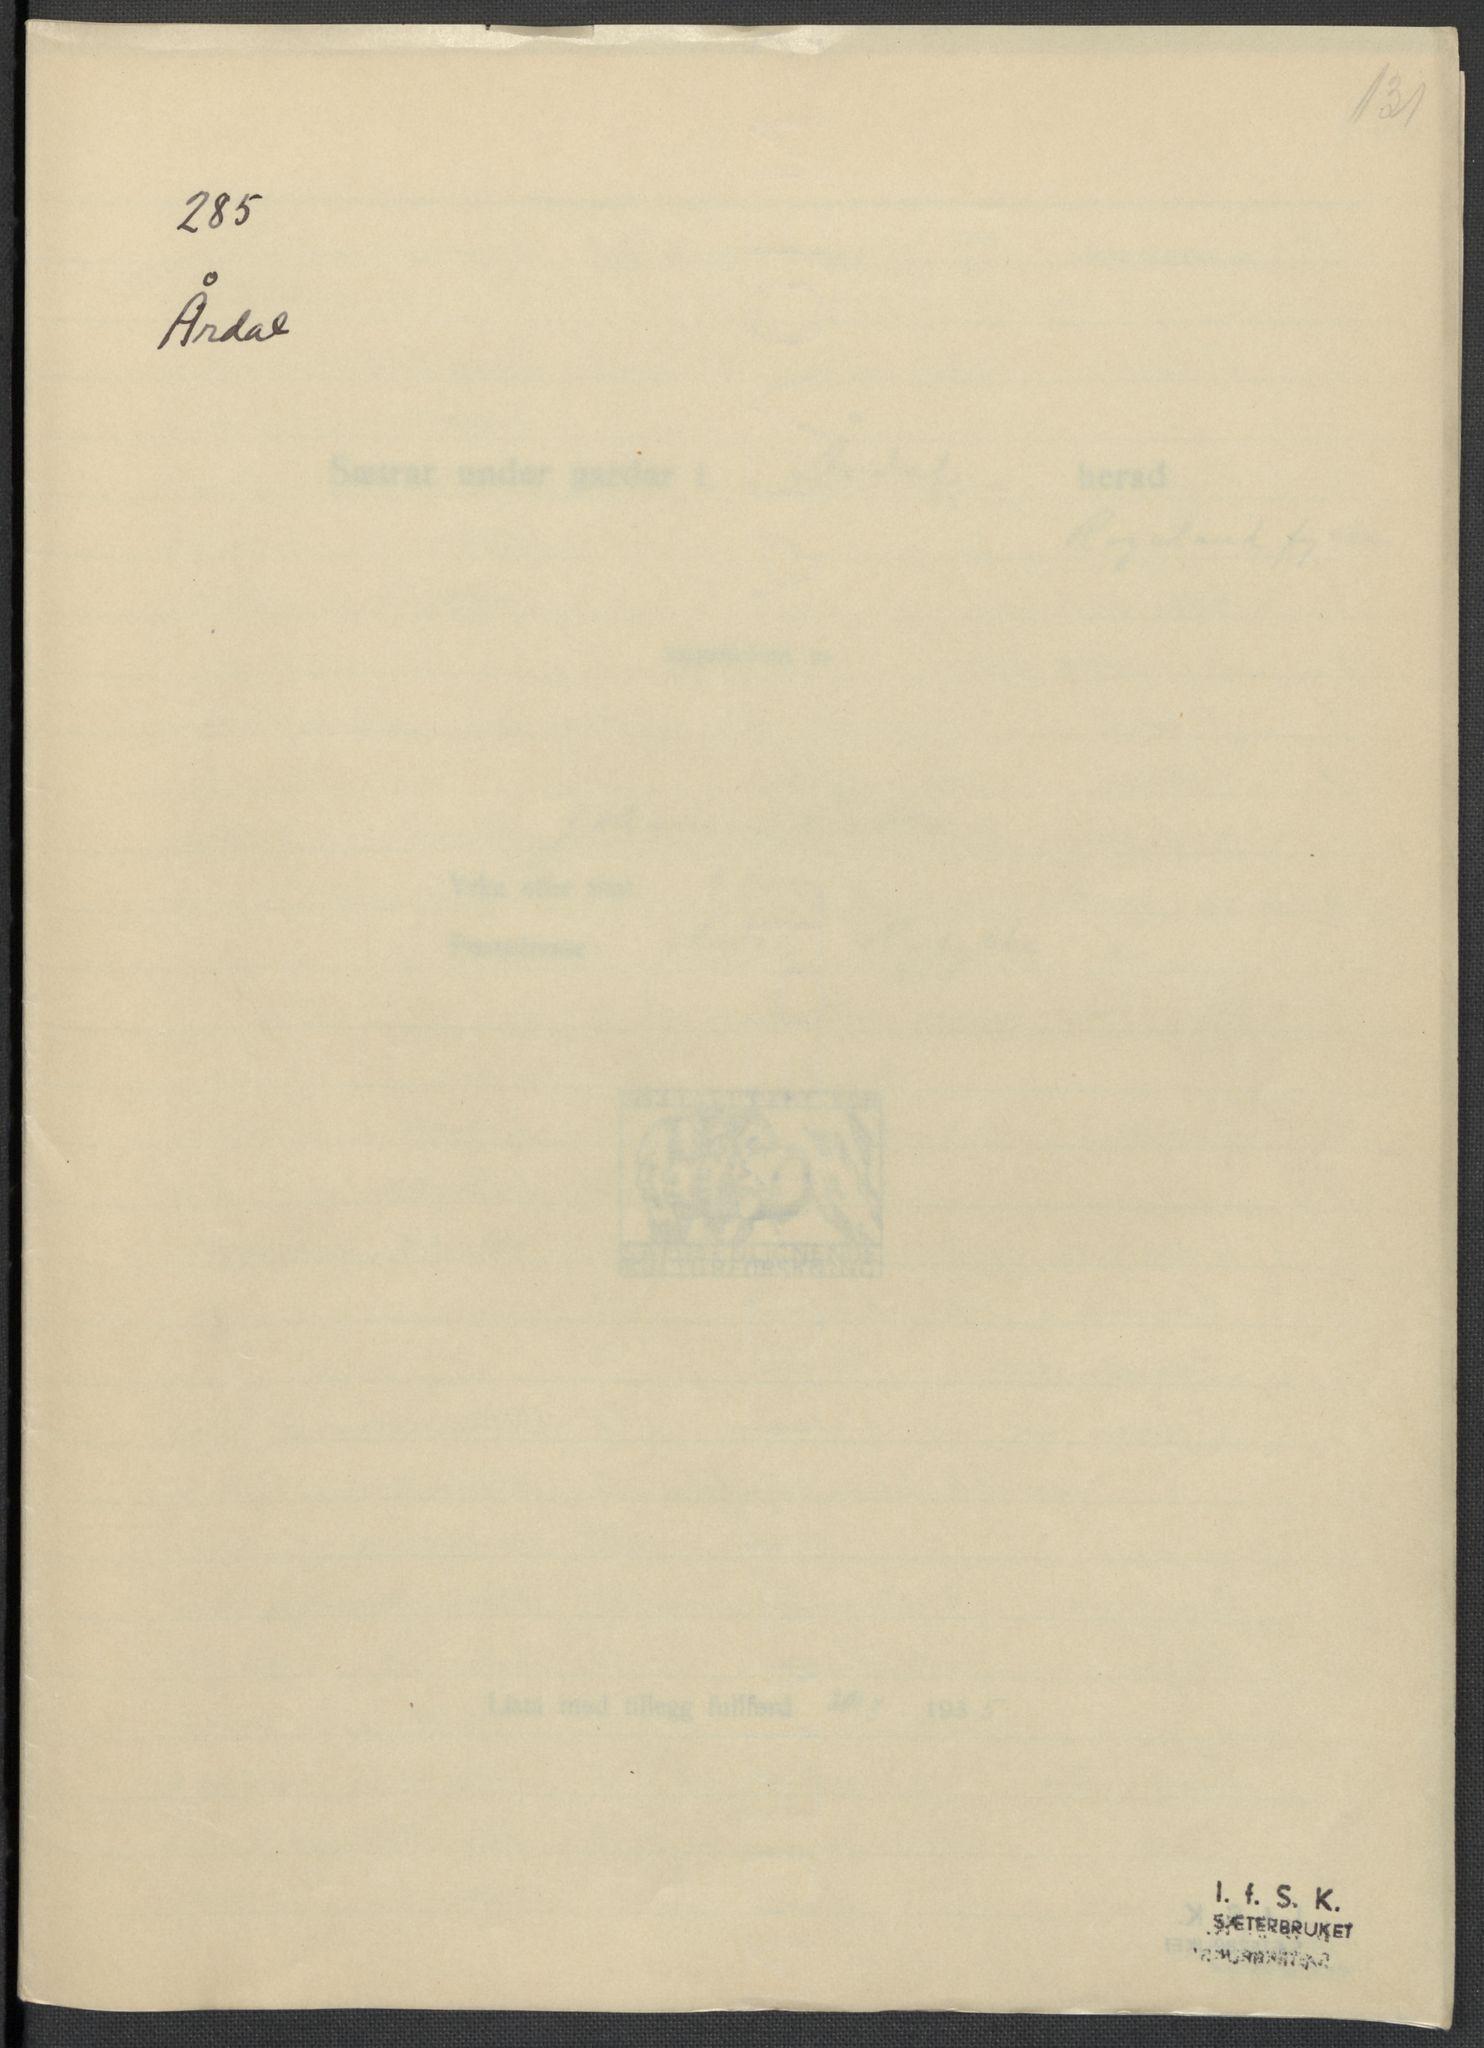 RA, Instituttet for sammenlignende kulturforskning, F/Fc/L0009: Eske B9:, 1932-1935, s. 131